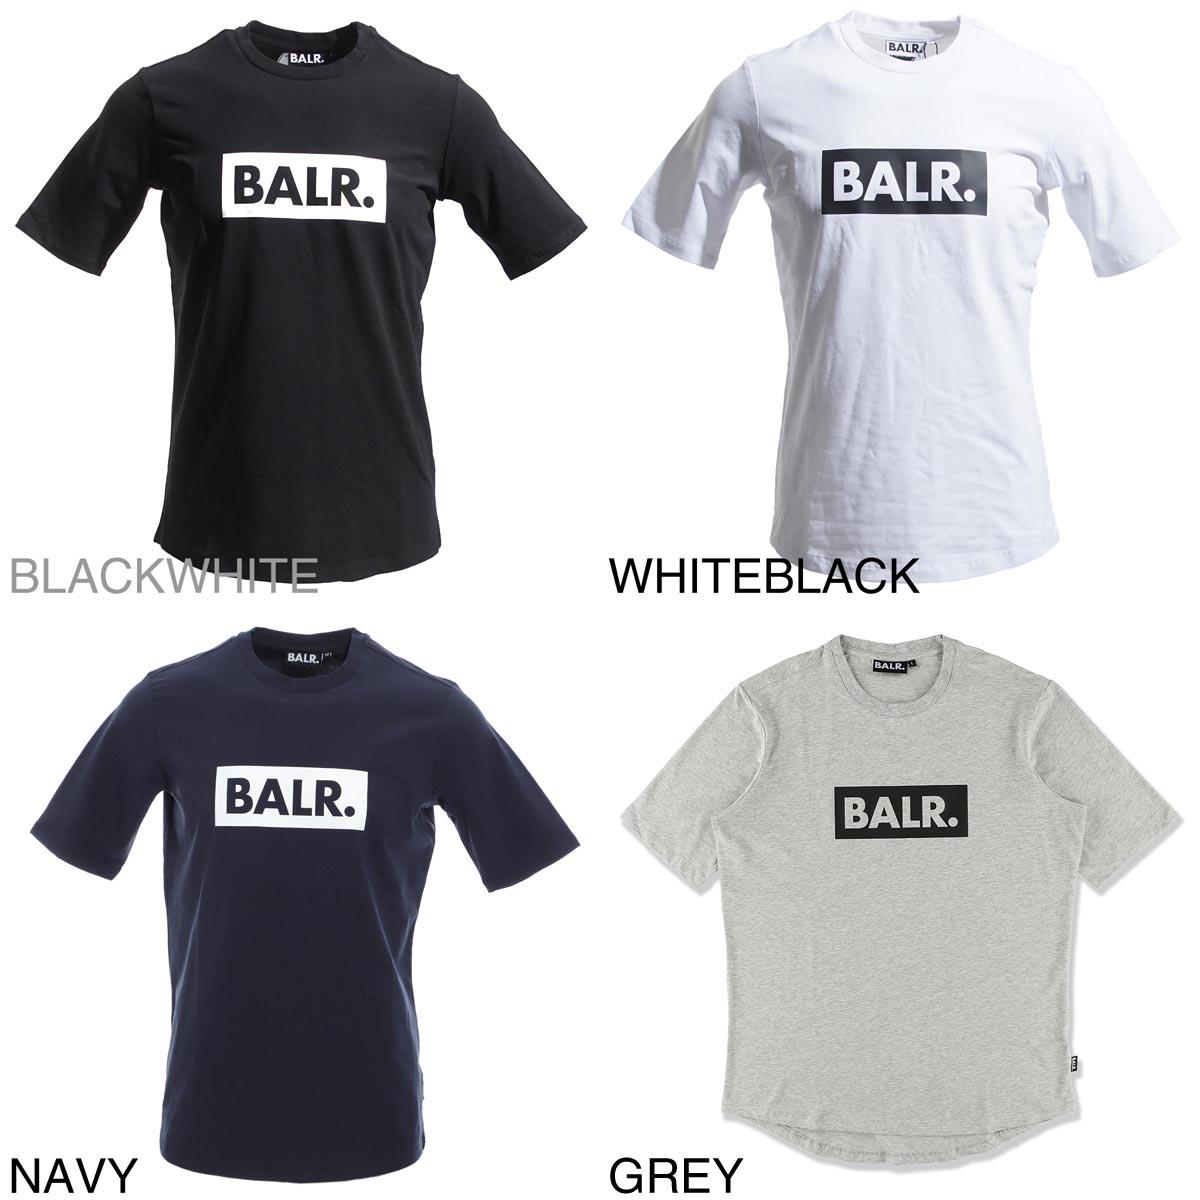 【アウトレット】【ロングセラー】BALR. ボーラ― クルーネック Tシャツ/CLUB T-SHIRT ATHLETIC FIT クラブ Tシャツ アスレチック フィット メンズ